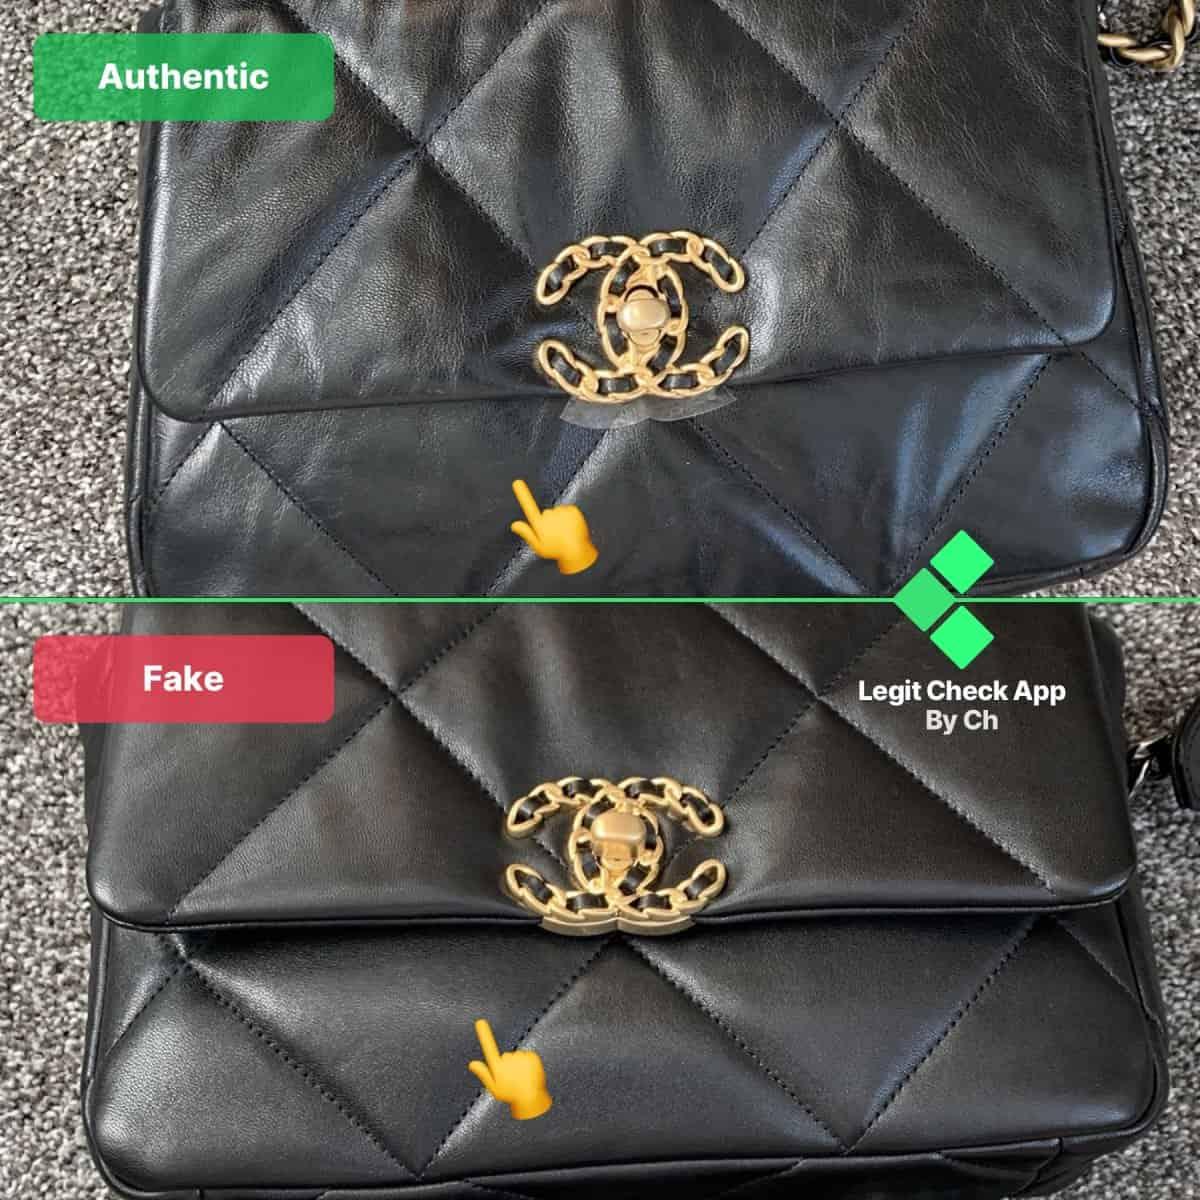 Real Vs Fake Chanel Bag